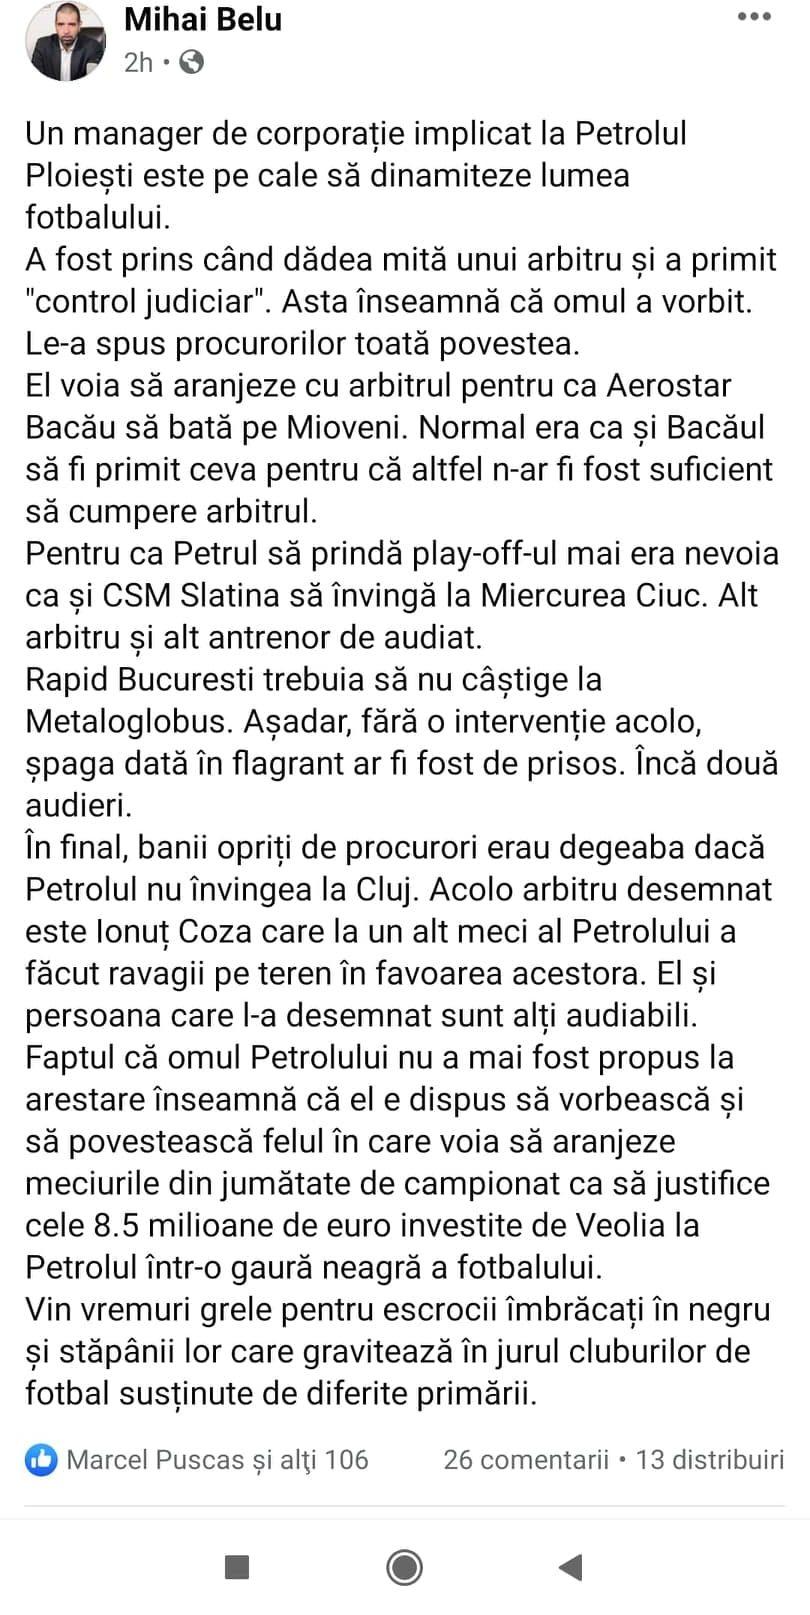 Scenariu incredibil in scandalul de mita de la Liga a doua. Sursa foto: captura postare Facebook Mihai Belu